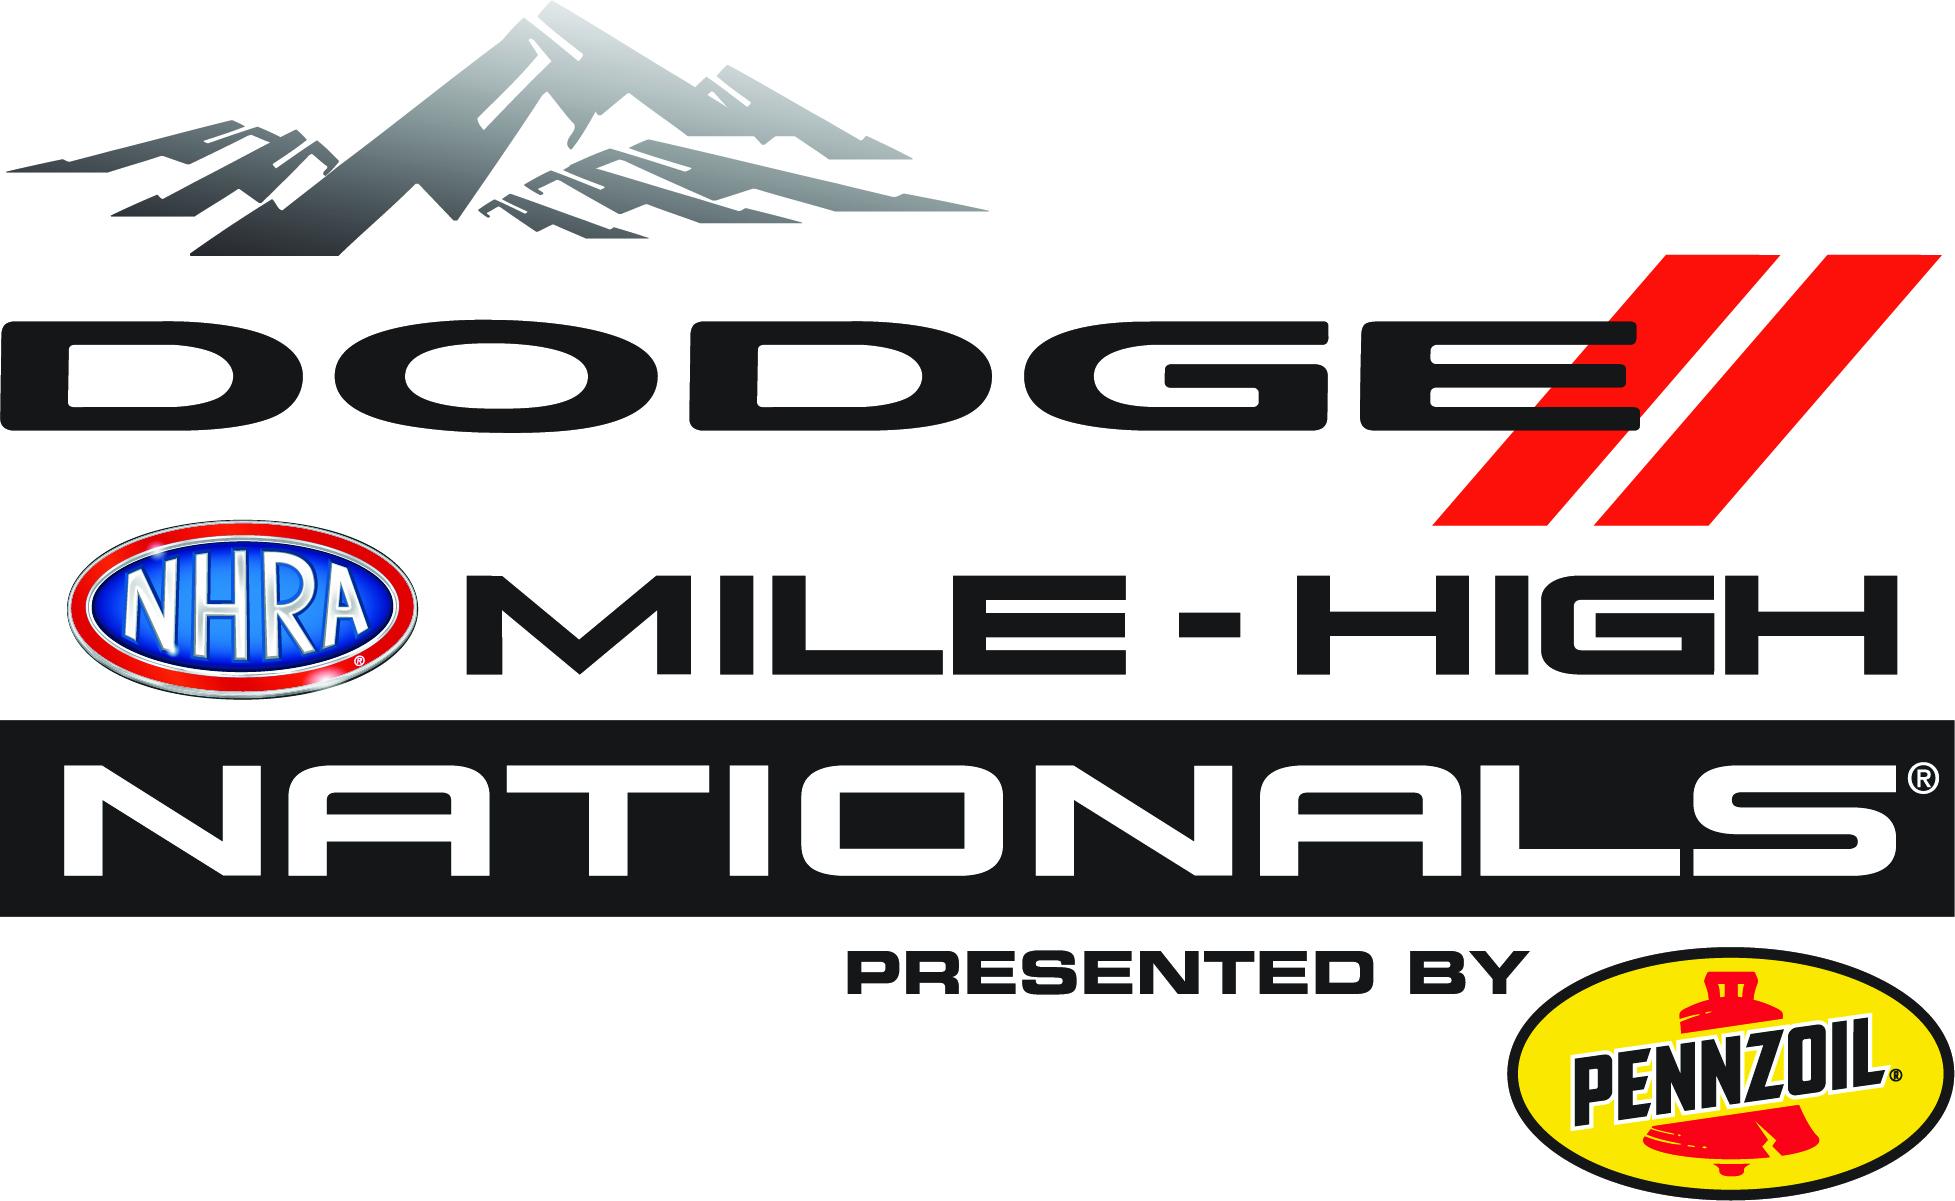 Dodge Mile High Nationals event logo